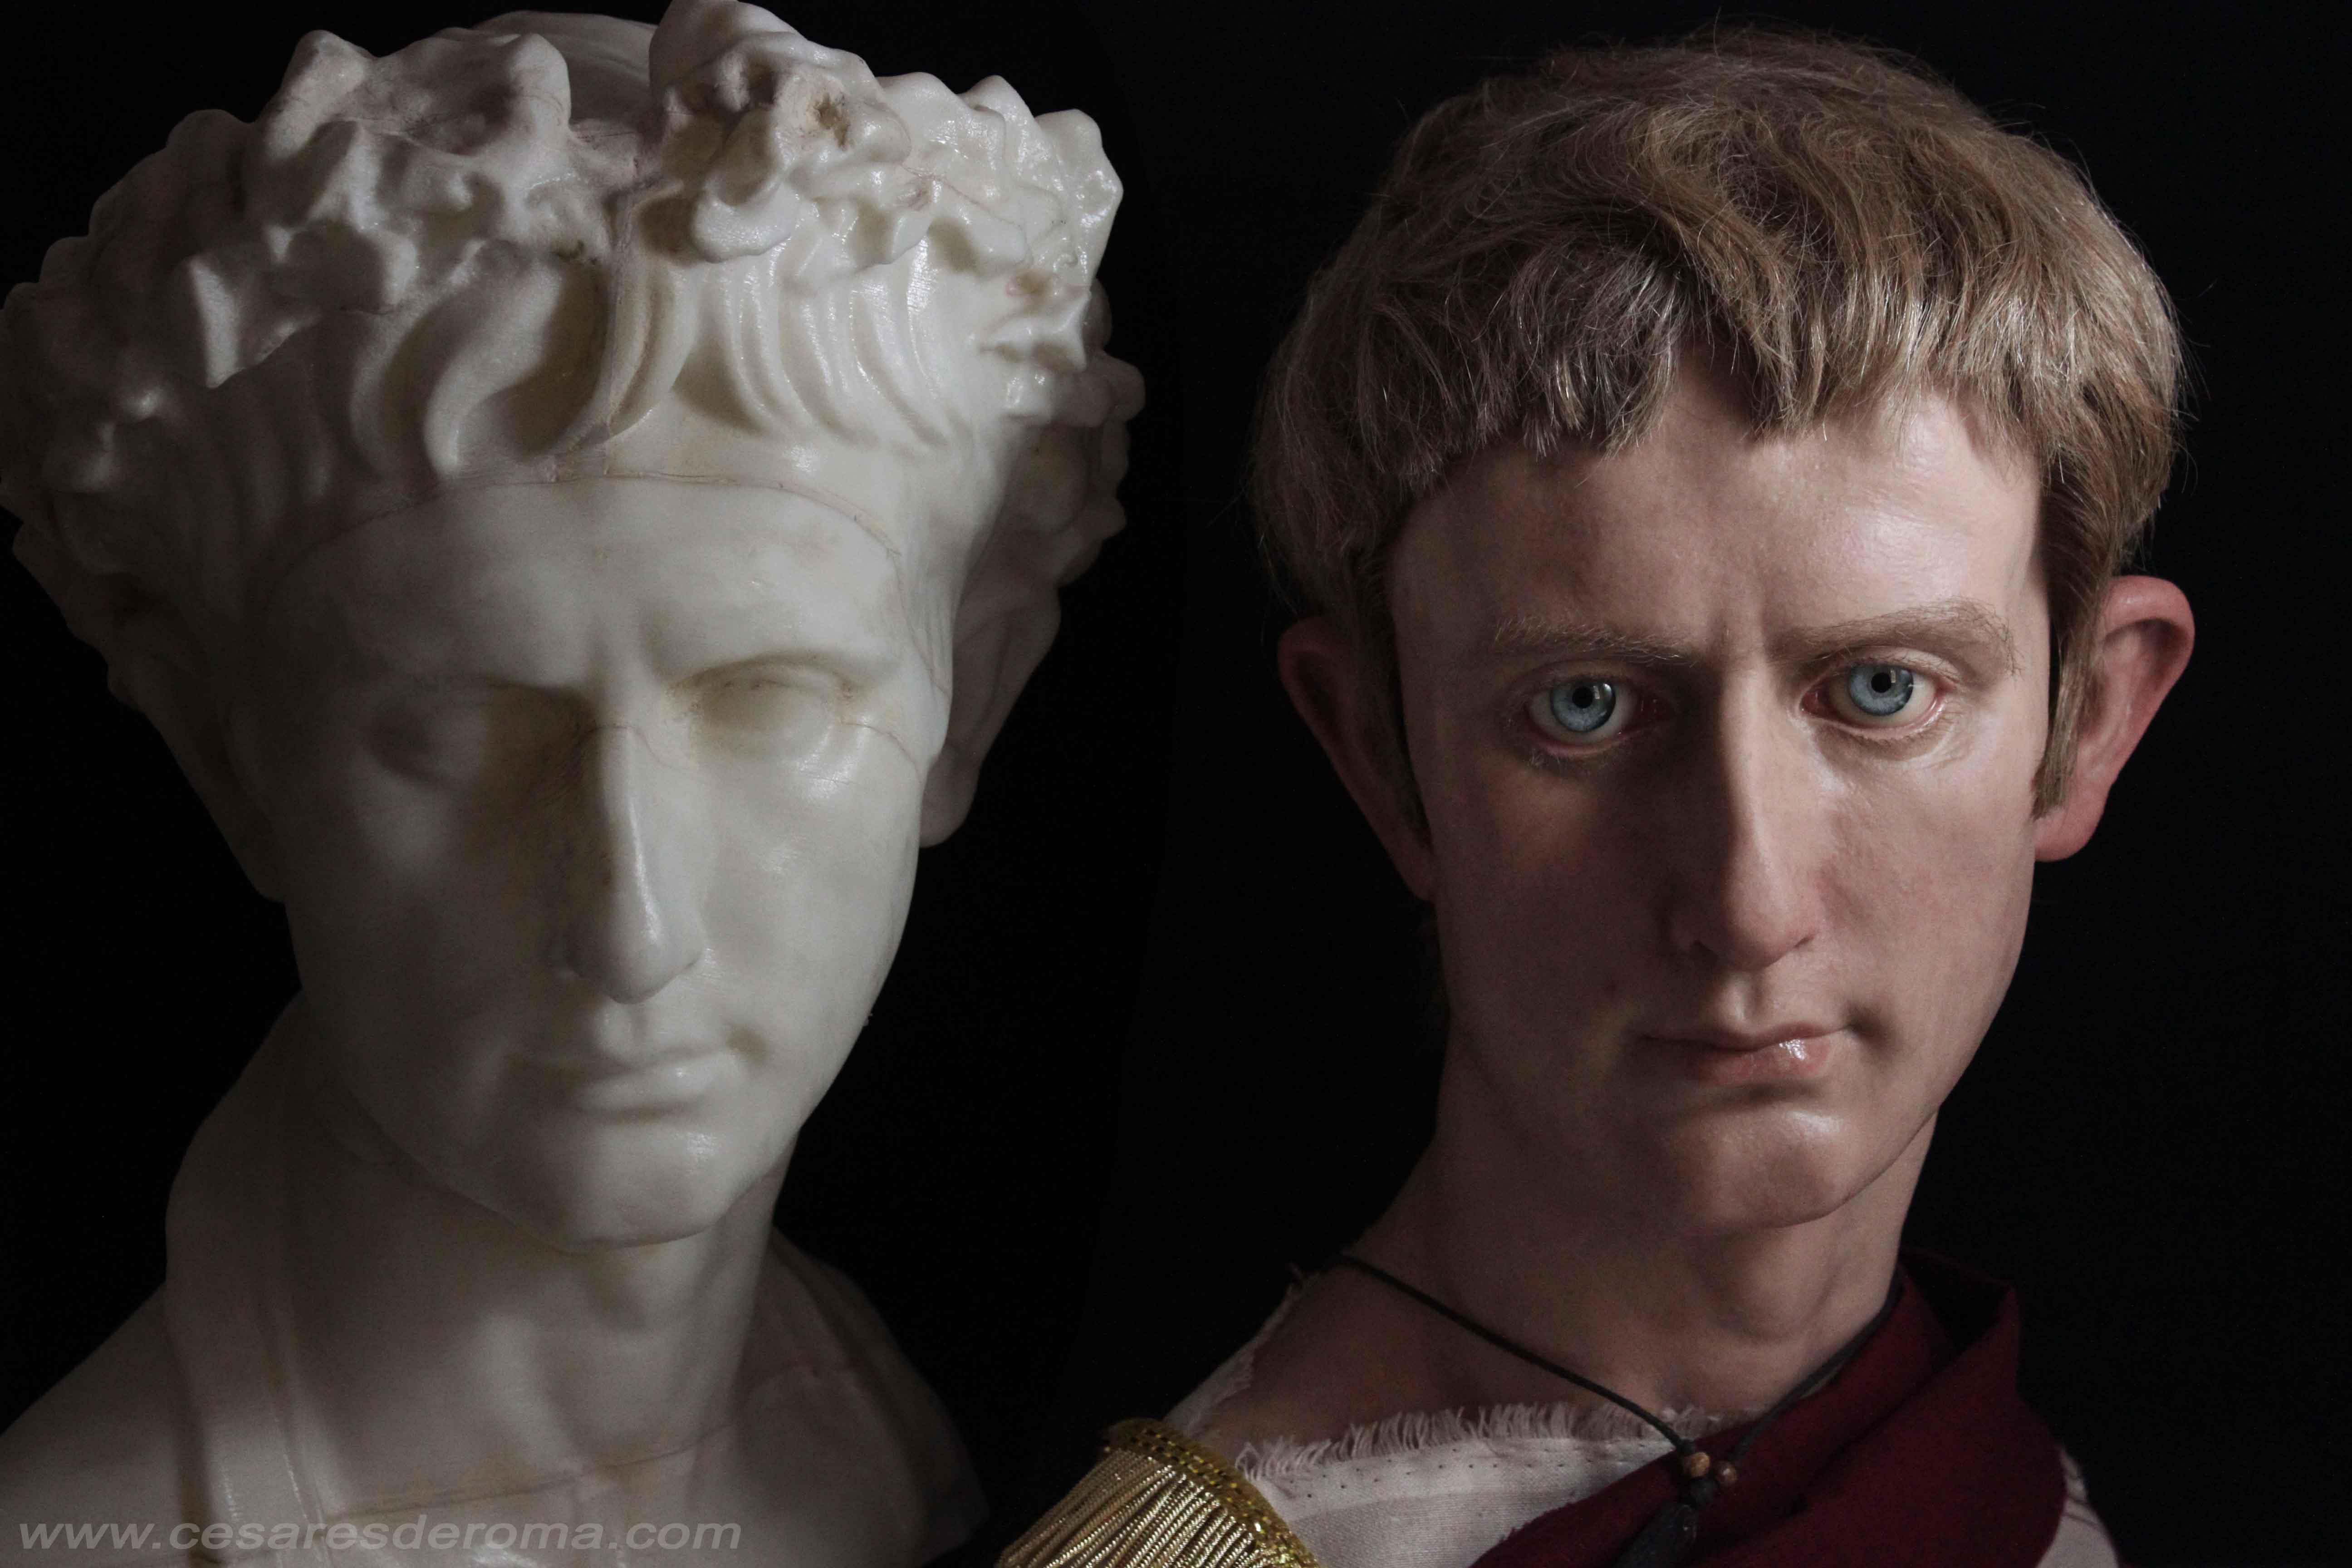 Césares de Roma претендира да бъде дидактическа препратка към новите методи да се разпространява класическата култура въз основата на емоционално учене. Проектът се заражда от нуждата да разкаже класическата римска история през по-човешка и модерна гледна точка.